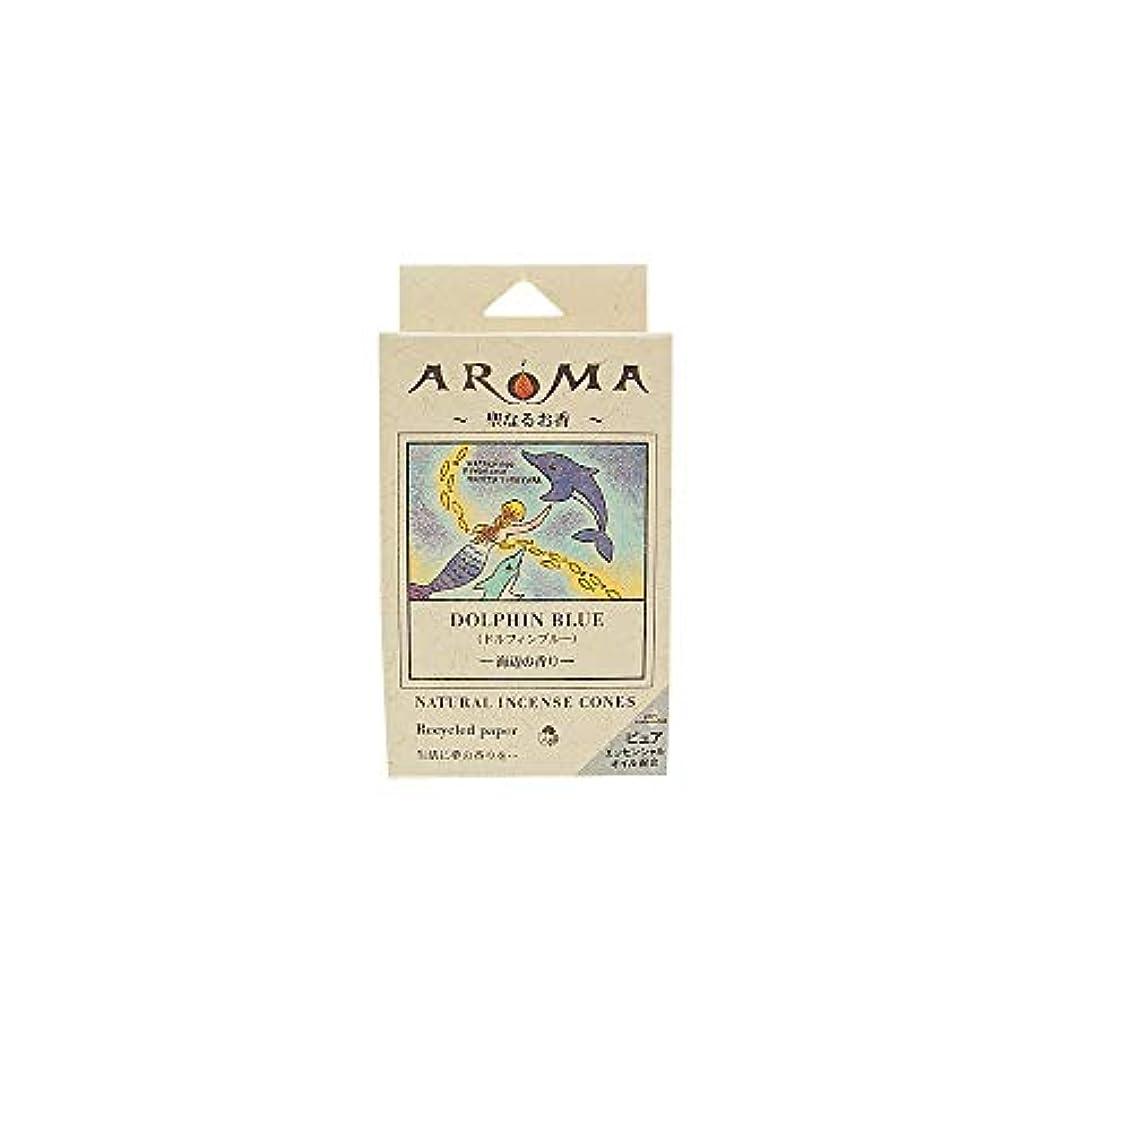 笑ぬいぐるみ排出アロマ香 ドルフィンブルー 16粒(コーンタイプインセンス 1粒の燃焼時間約20分 海辺の香り)